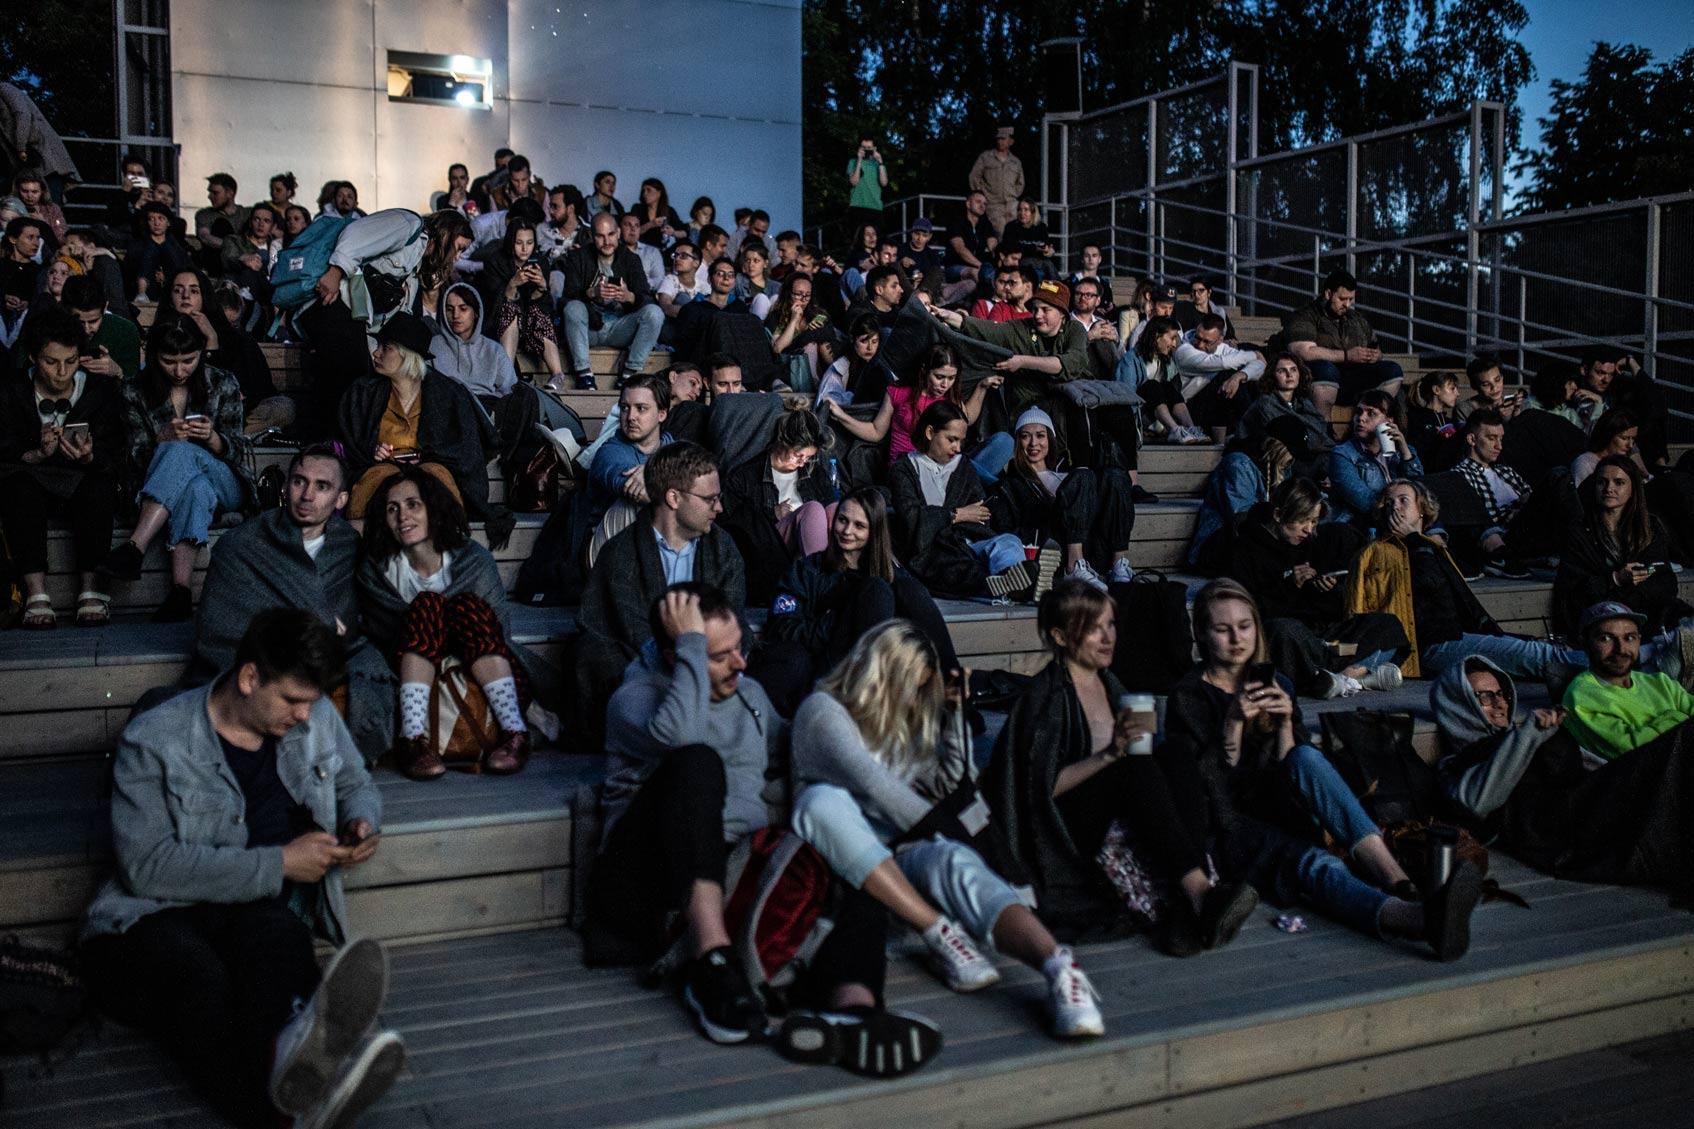 москино кинотеатр под открытым небом парк музеон